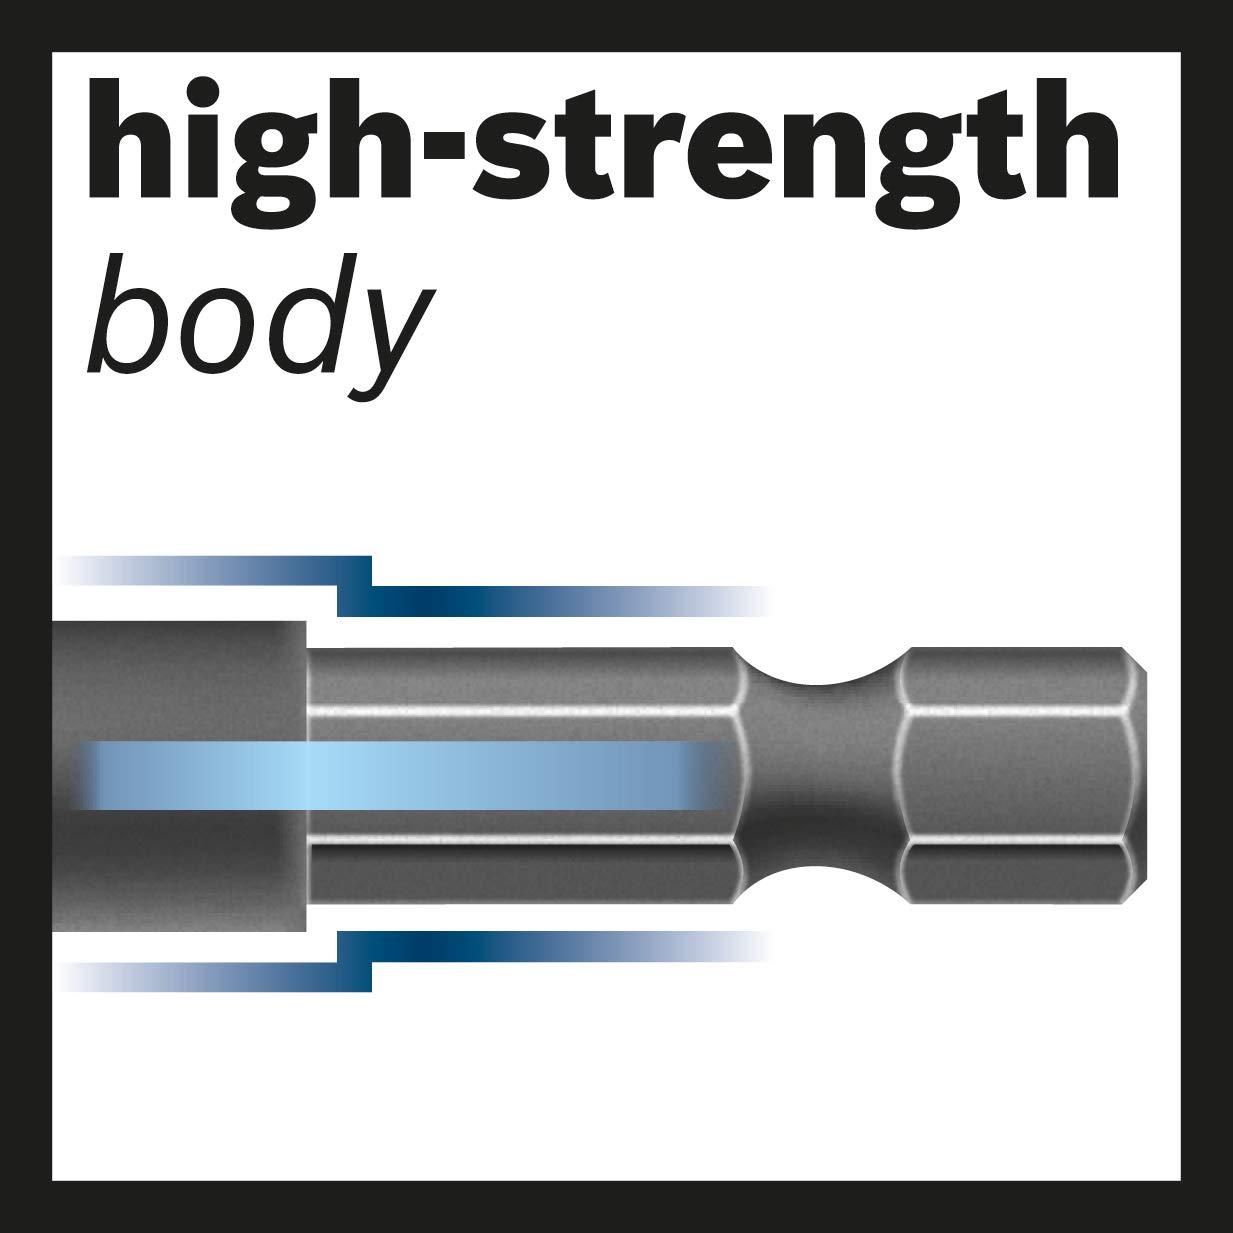 Bosch Professional 8tlg f/ür Metall, Zubeh/ör Schlagbohrmaschine Impact Control HSS Spiralbohrer Set